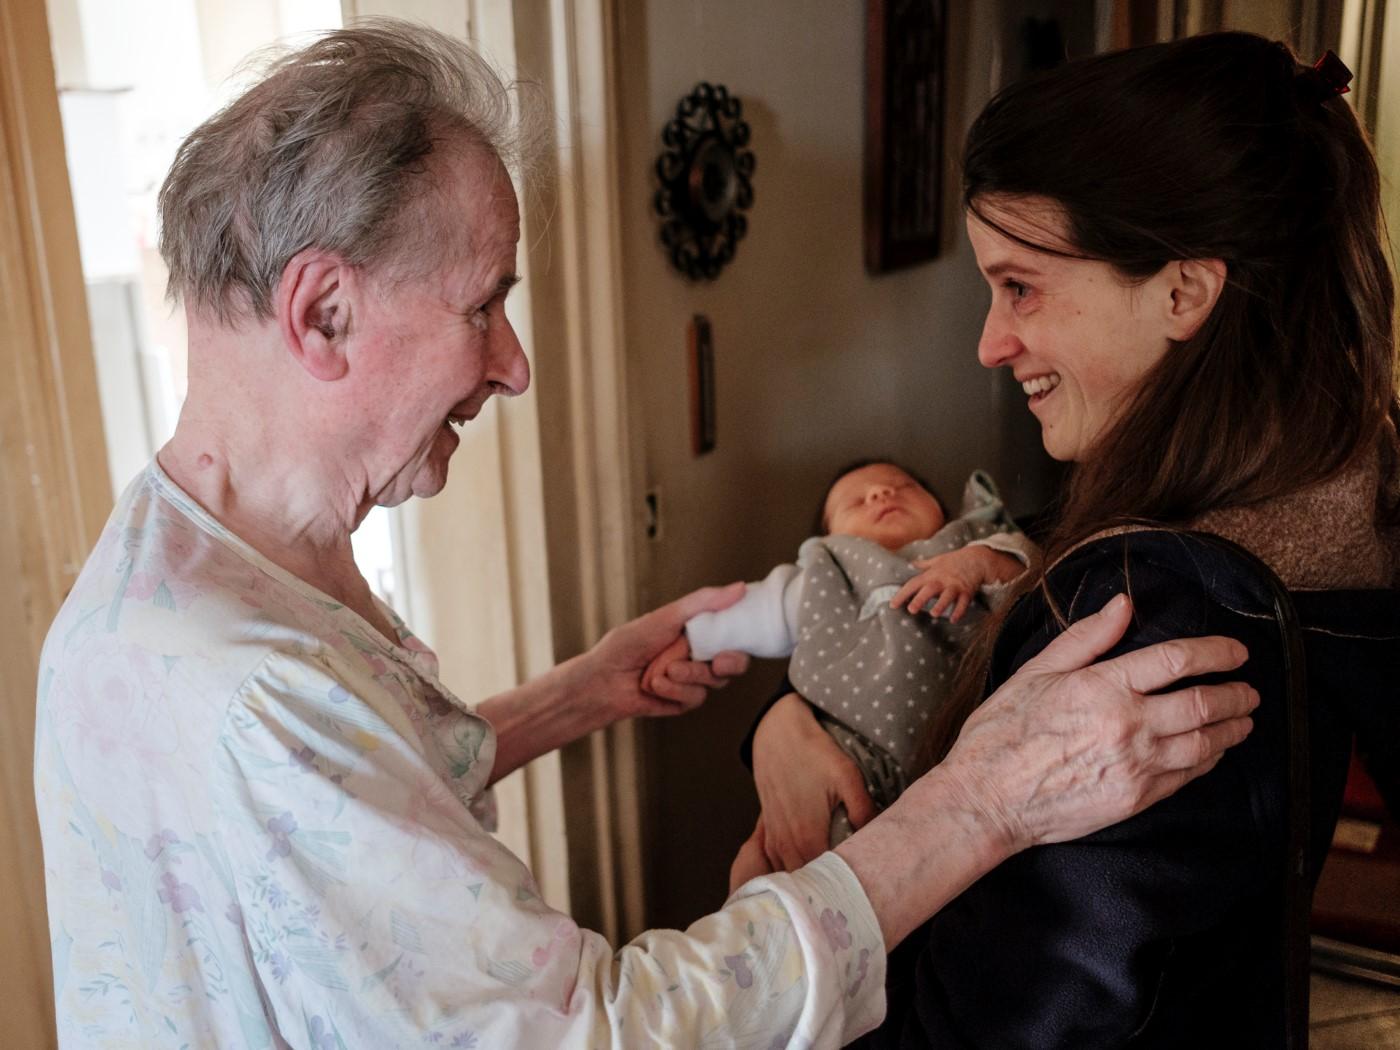 Pierre, le grand-père de Clémence, voit Ariane pour la première fois